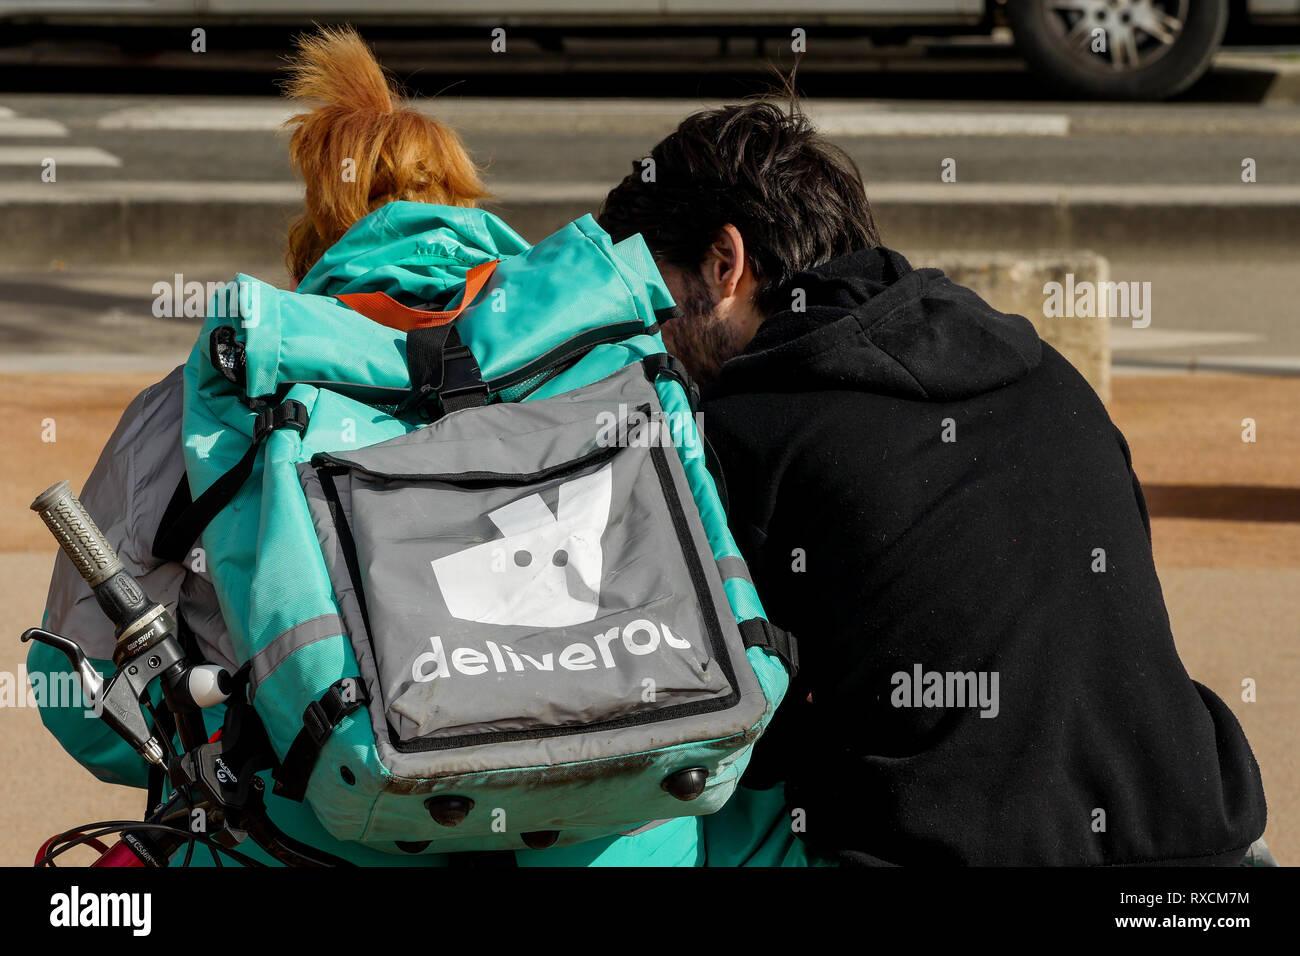 Pasti Deliveroo spedizionieri, Lione, Francia Immagini Stock